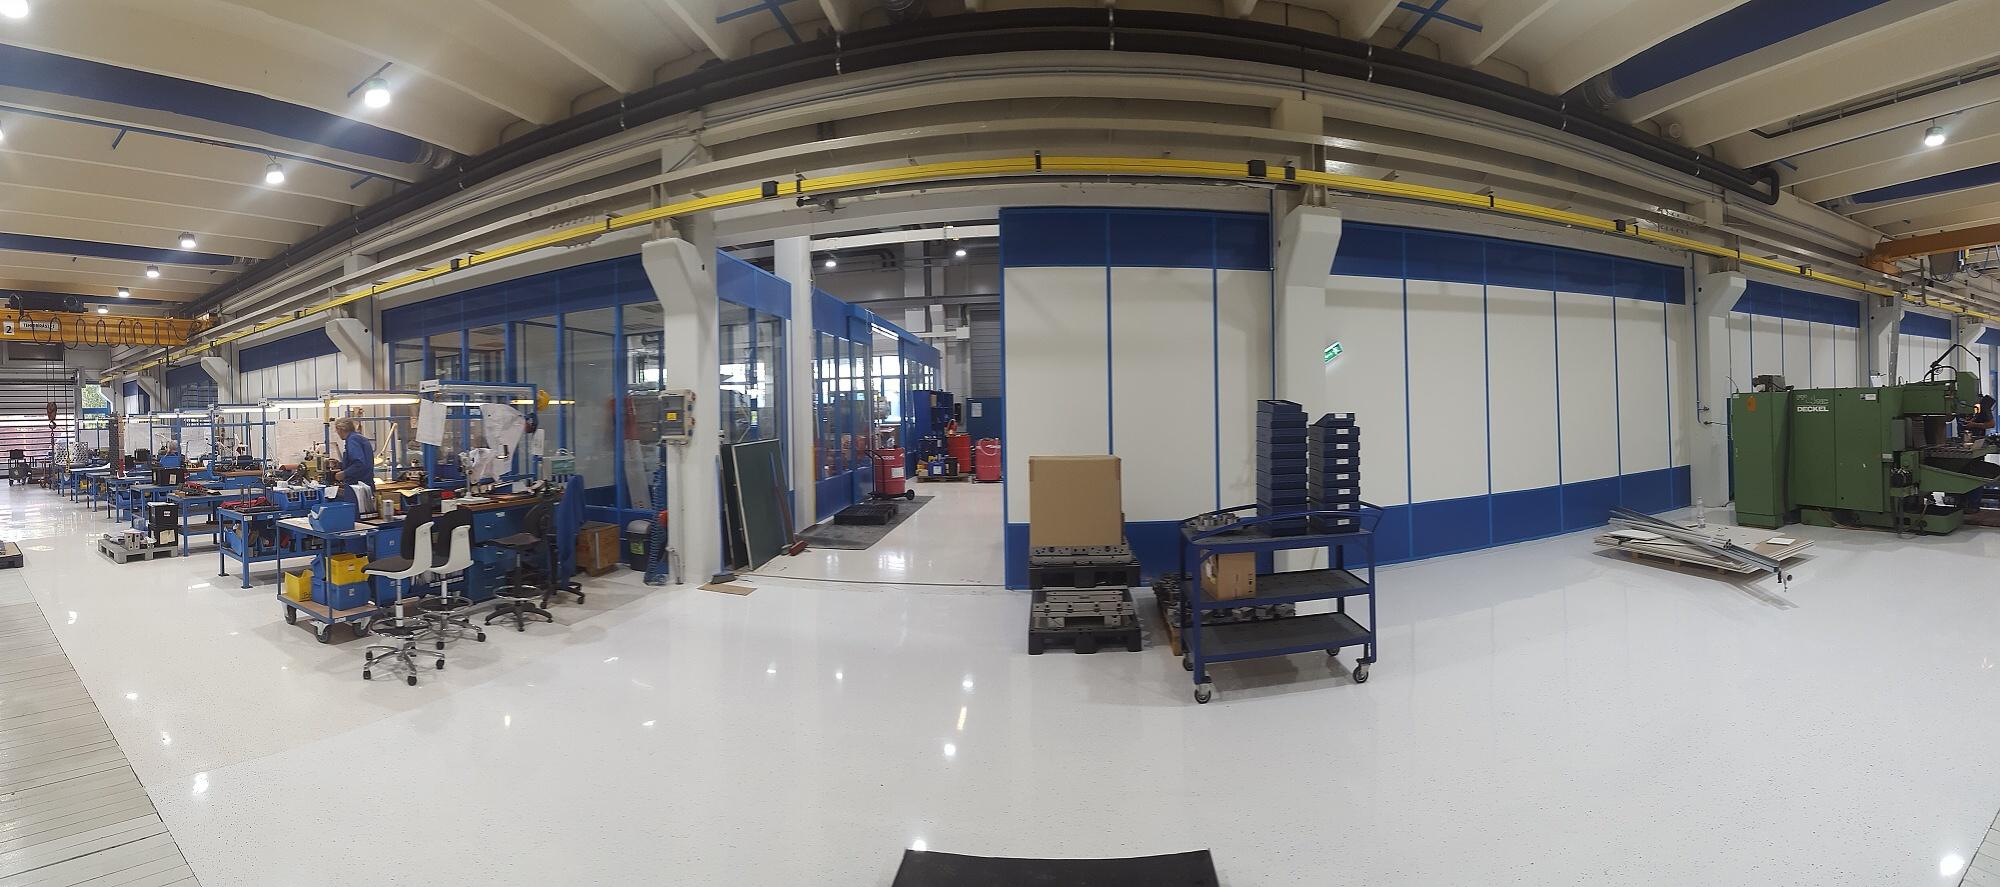 Beltéri csarnokok  és válaszfalrendszerek építése a Bekomold cég részére